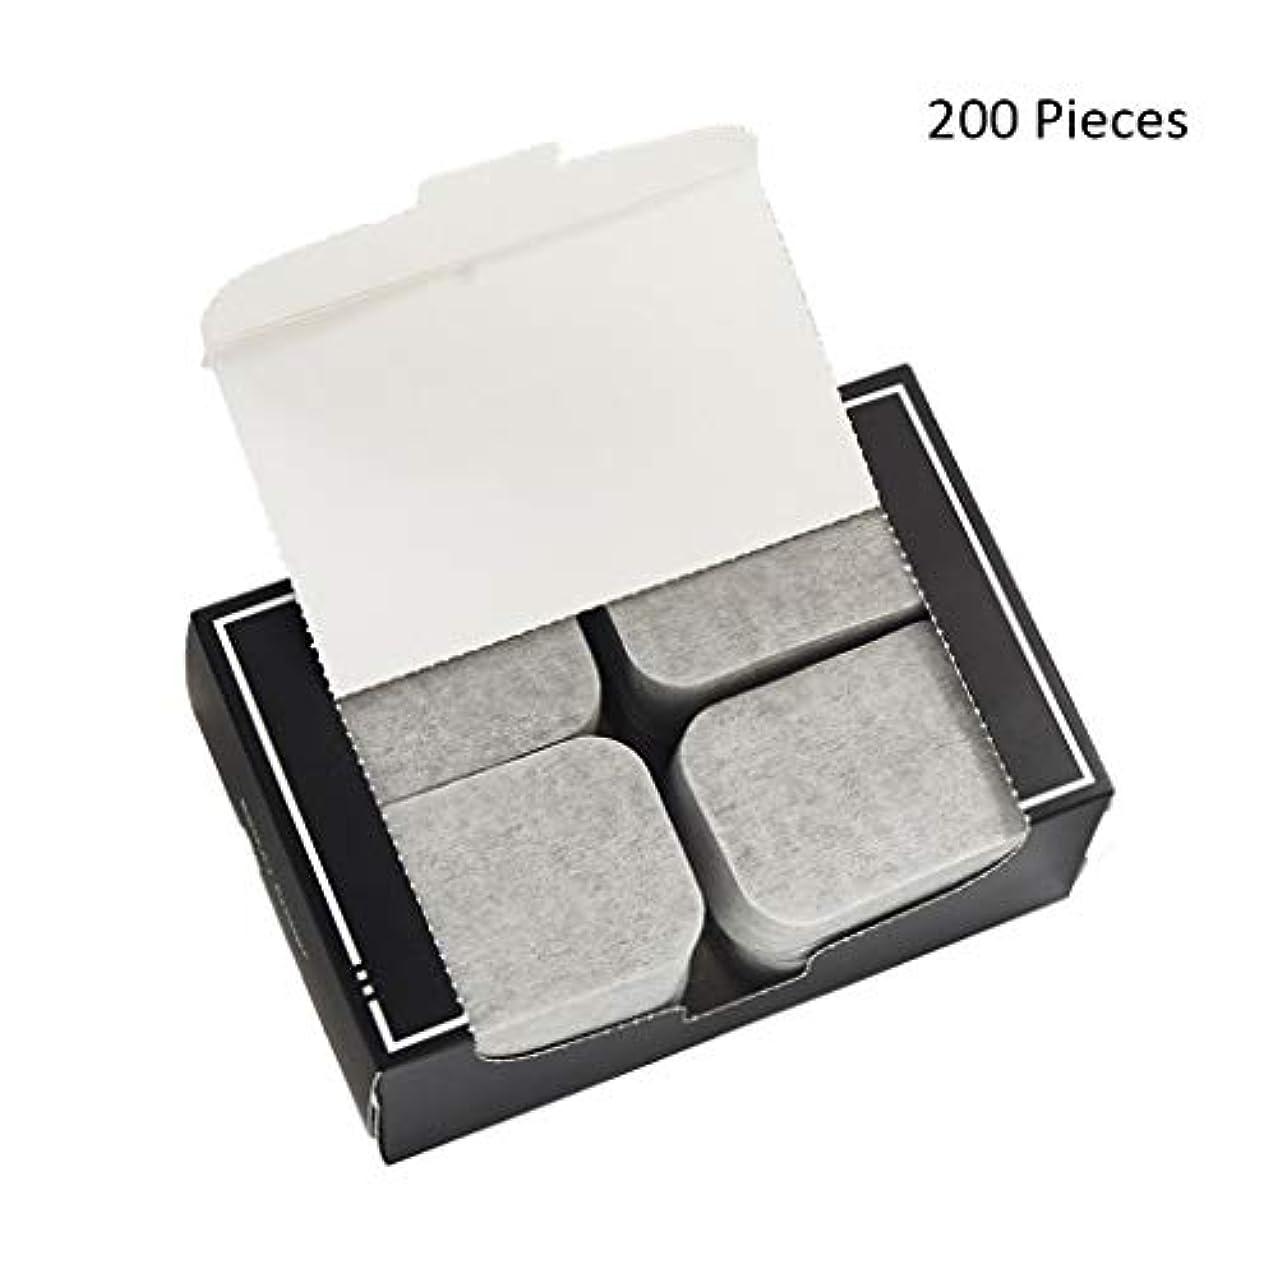 ファーム男性ハーフ200ピース/パックフェイスメイクアップリムーバー竹炭ポータブルコットンパッドソフトクレンジングメイクピュア両面リムーバーコットン (Color : Gray, サイズ : 7*5cm)